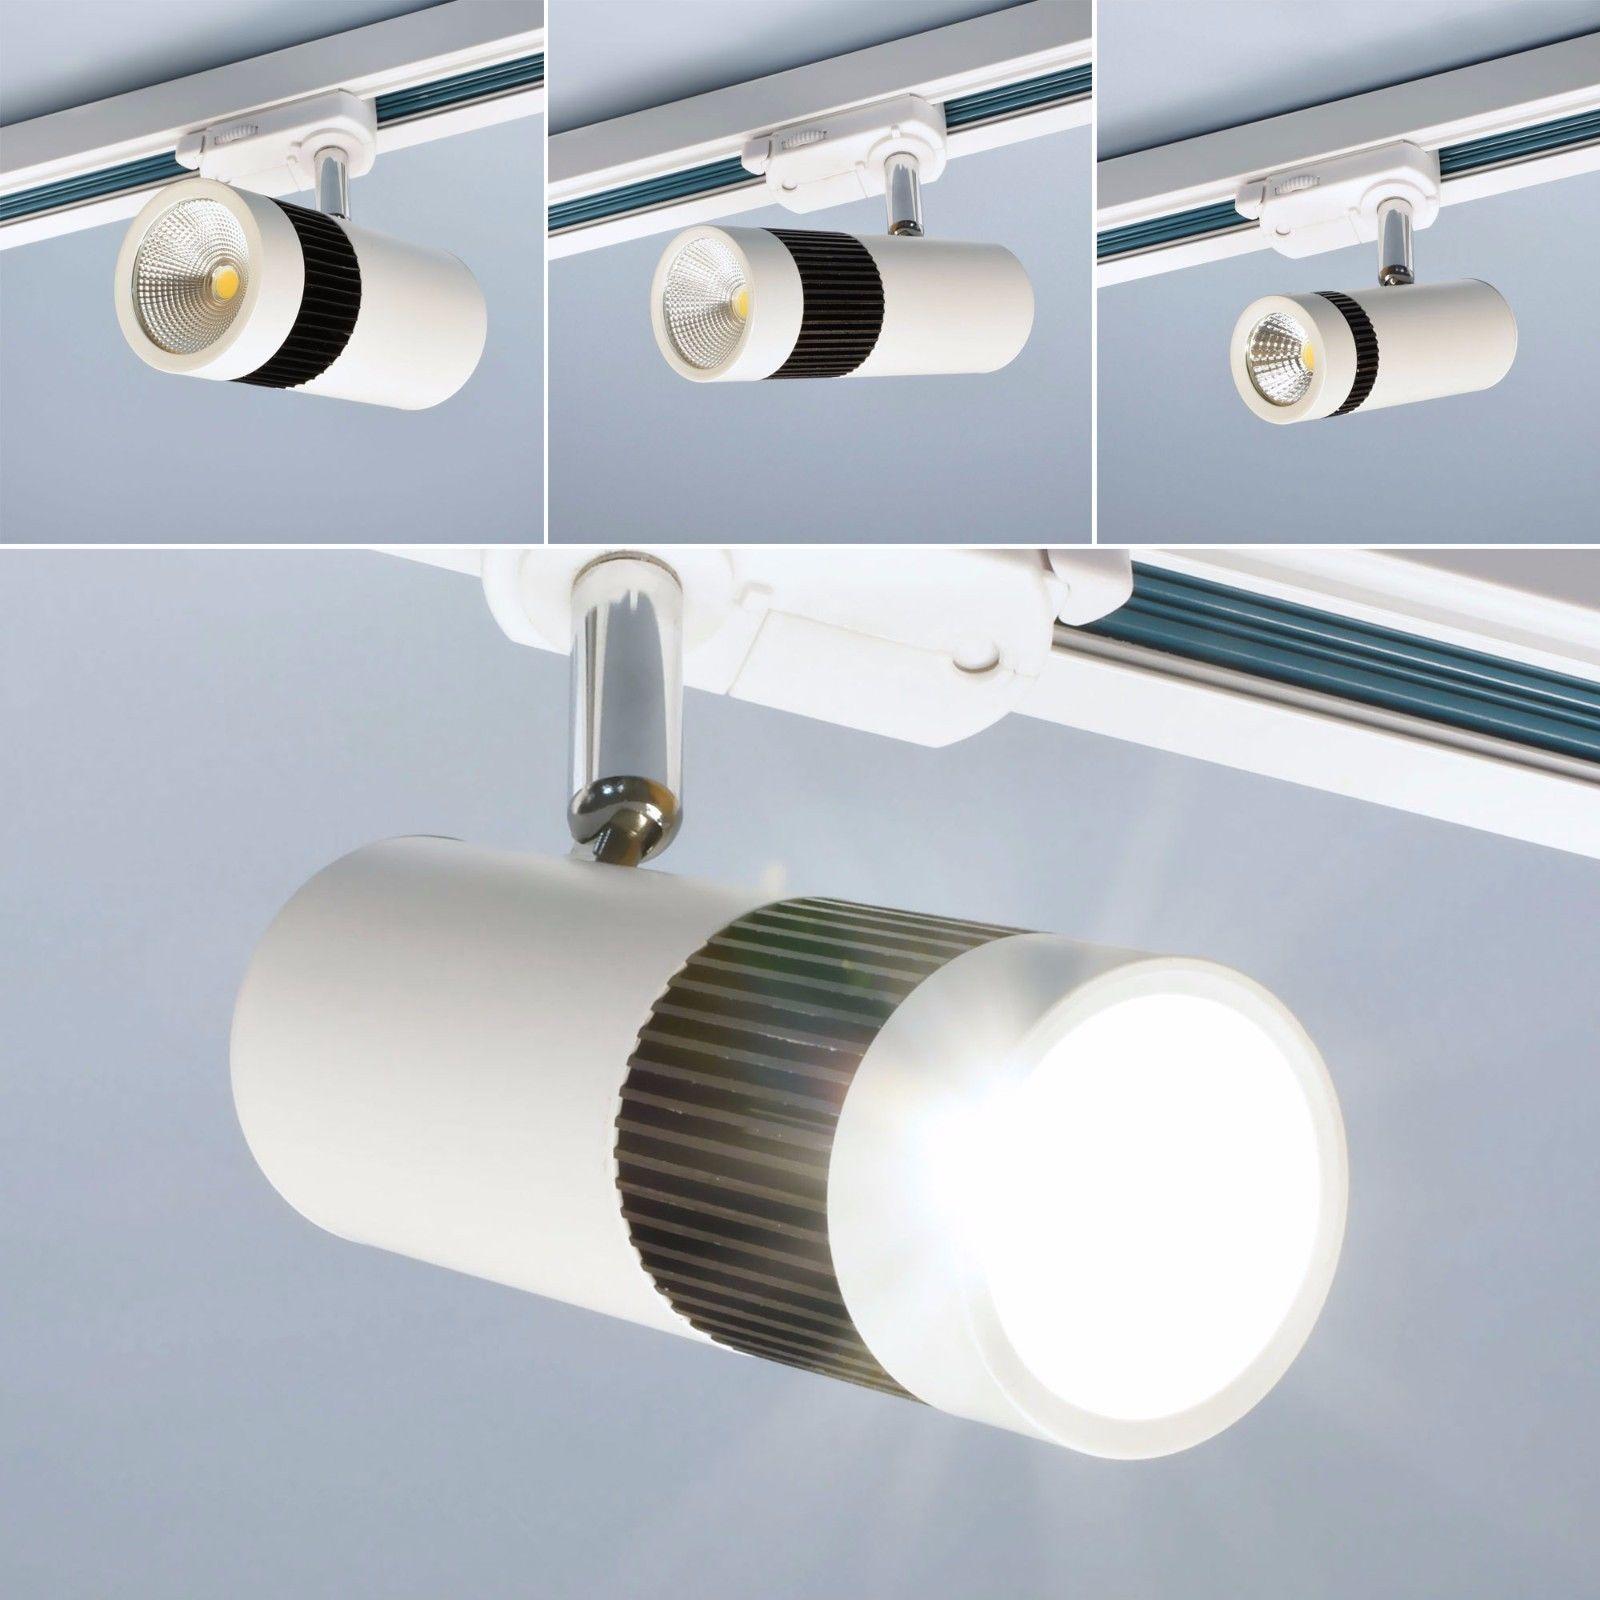 Led Schienensystem Burolicht Spot Strahler Deckenleuchte Tracklight Deckenlampe Ebay Led Schienensystem Deckenlampe Und Lampen